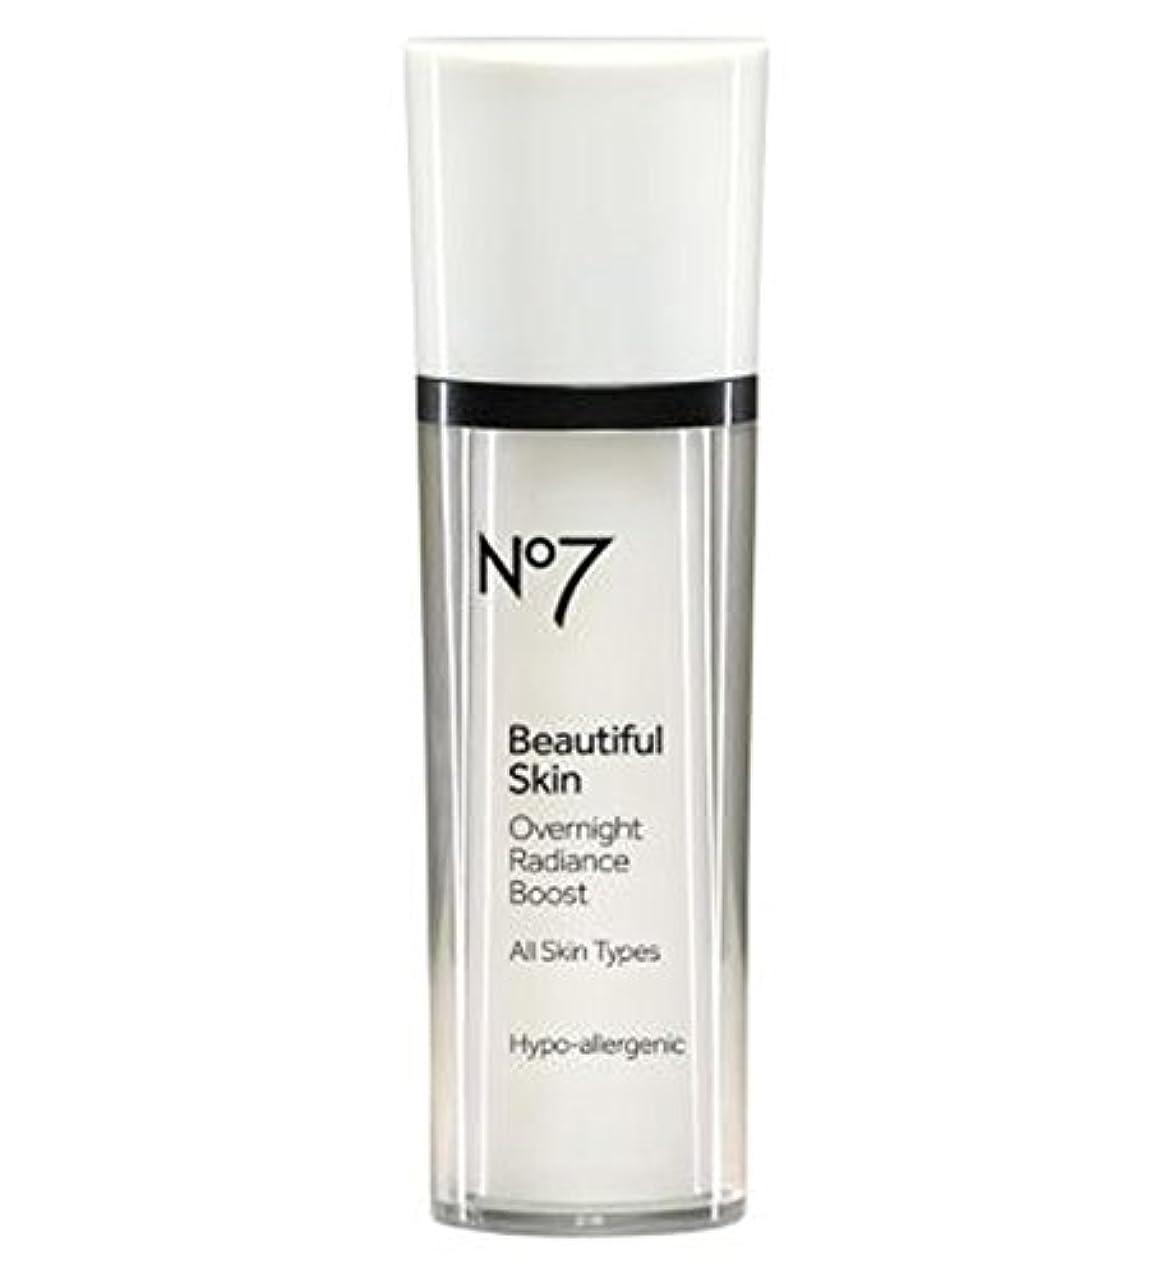 振る舞い前進昇る夜の輝きブーストオーバーNo7美しい肌 (No7) (x2) - No7 Beautiful Skin Over Night Radiance Boost (Pack of 2) [並行輸入品]